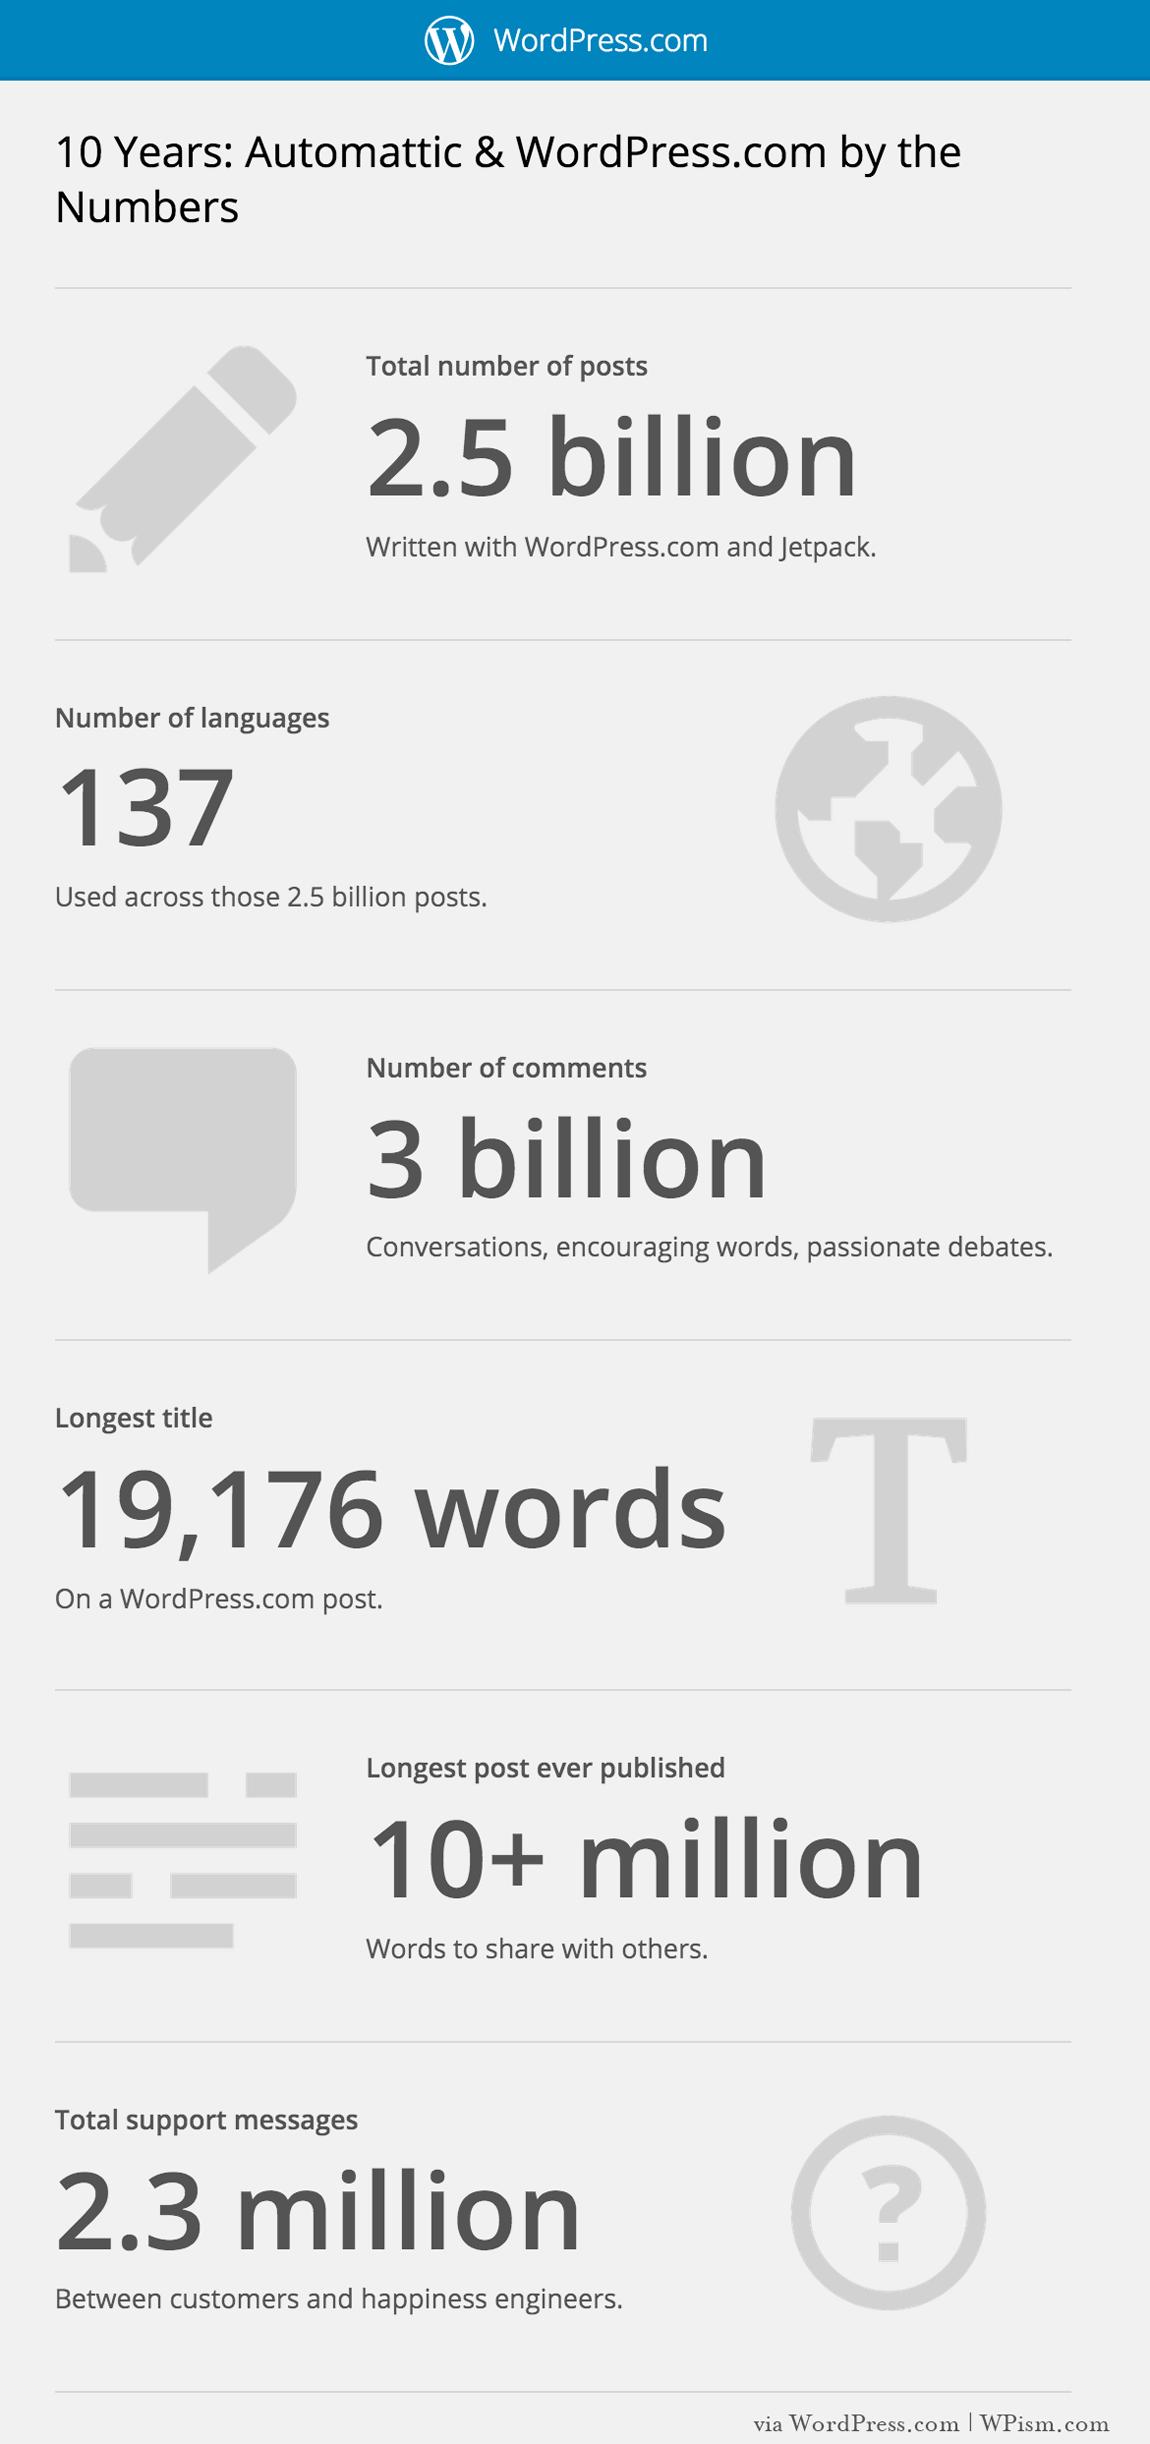 WordPress-Infographics-10-Years of WordPress.com